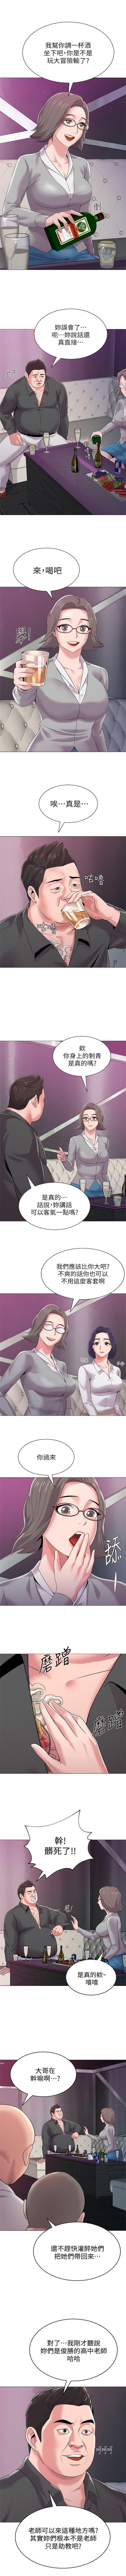 (周3)老师 1-56 中文翻译(更新中) 117